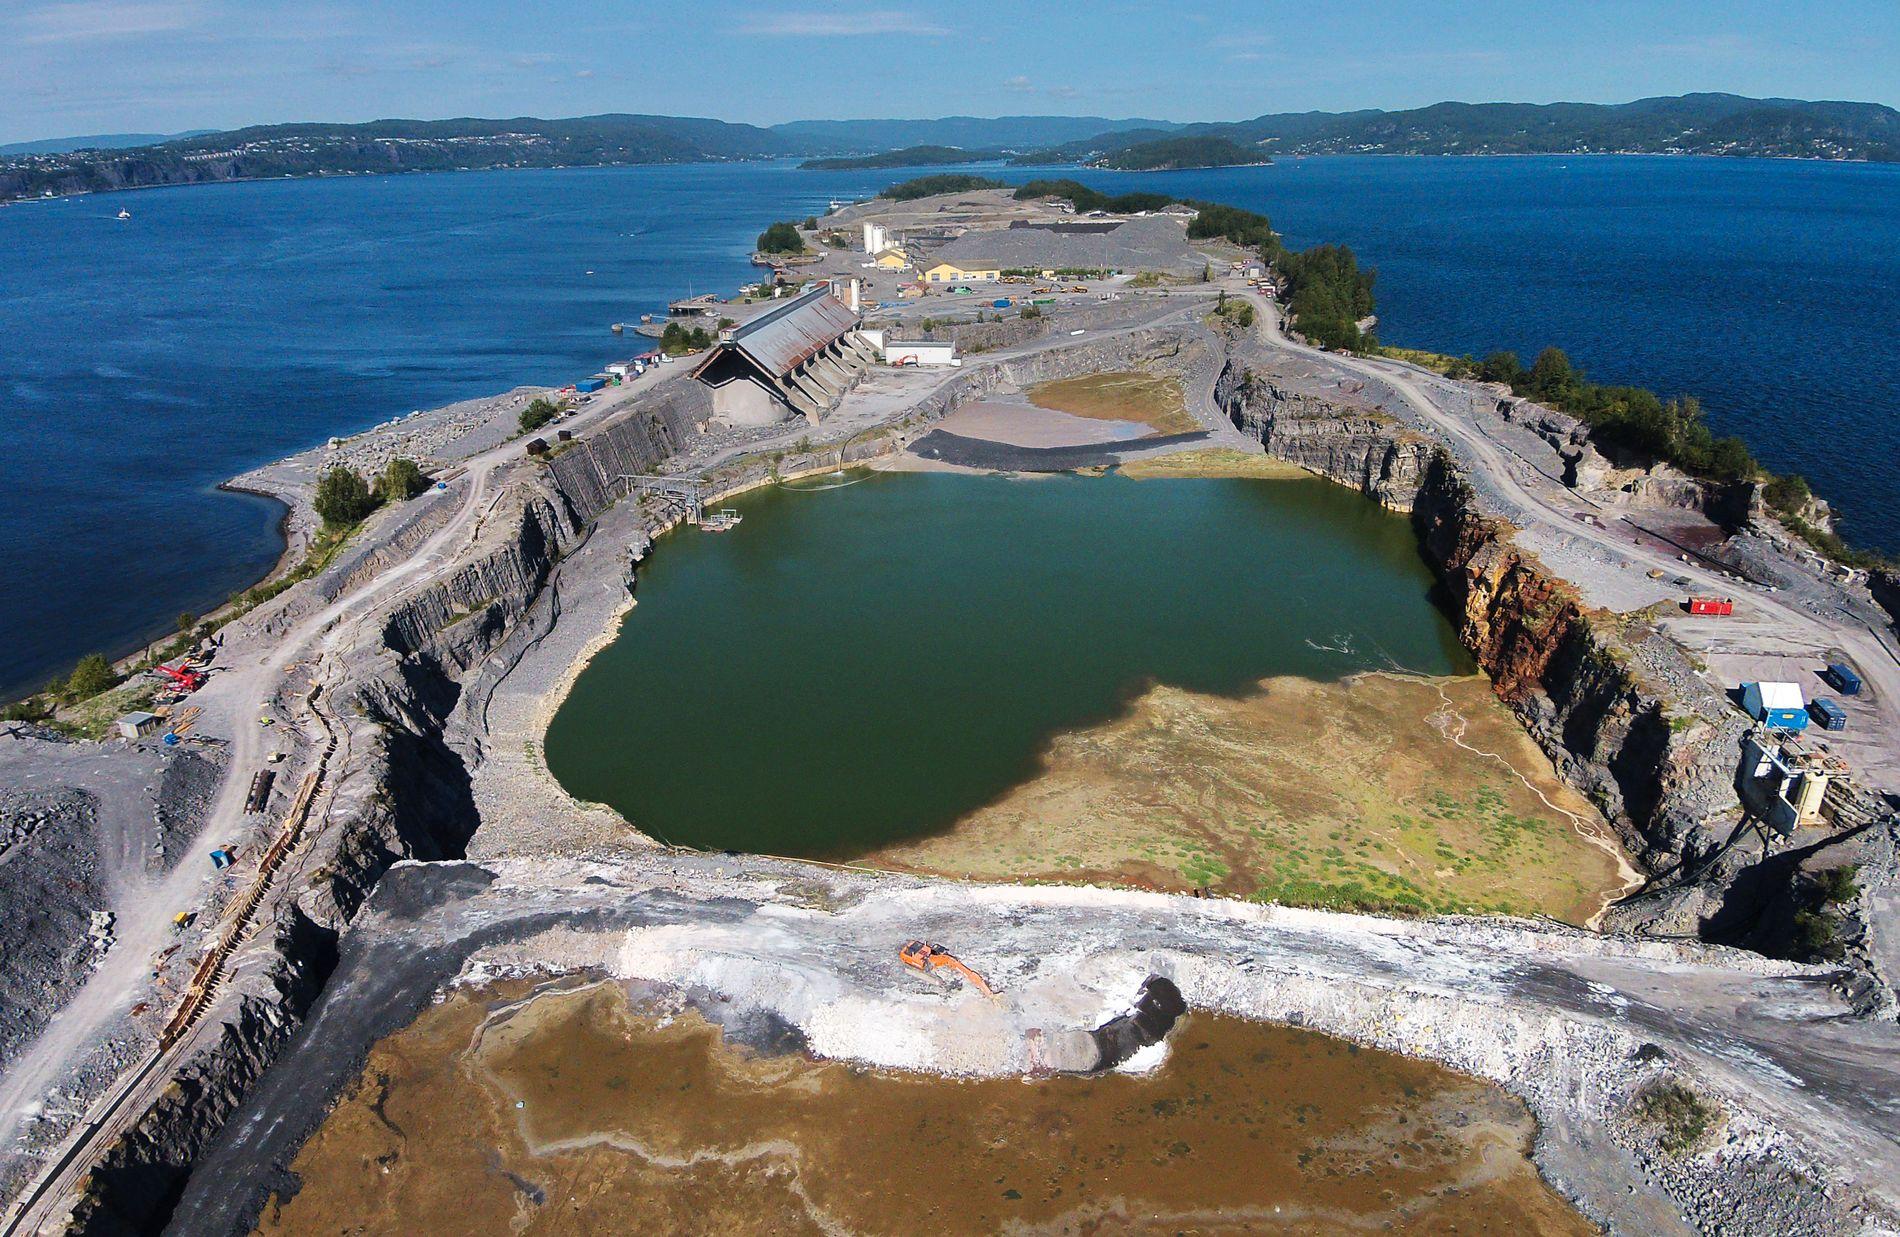 DAGENS DEPONI: Lagring av farlig avfall har i flere år foregått her på Langøya ved Holmestrand i Vestfold. Det skal avløses av et annet nasjonalt deponi etter at det beregnes å være fullt i 2022.